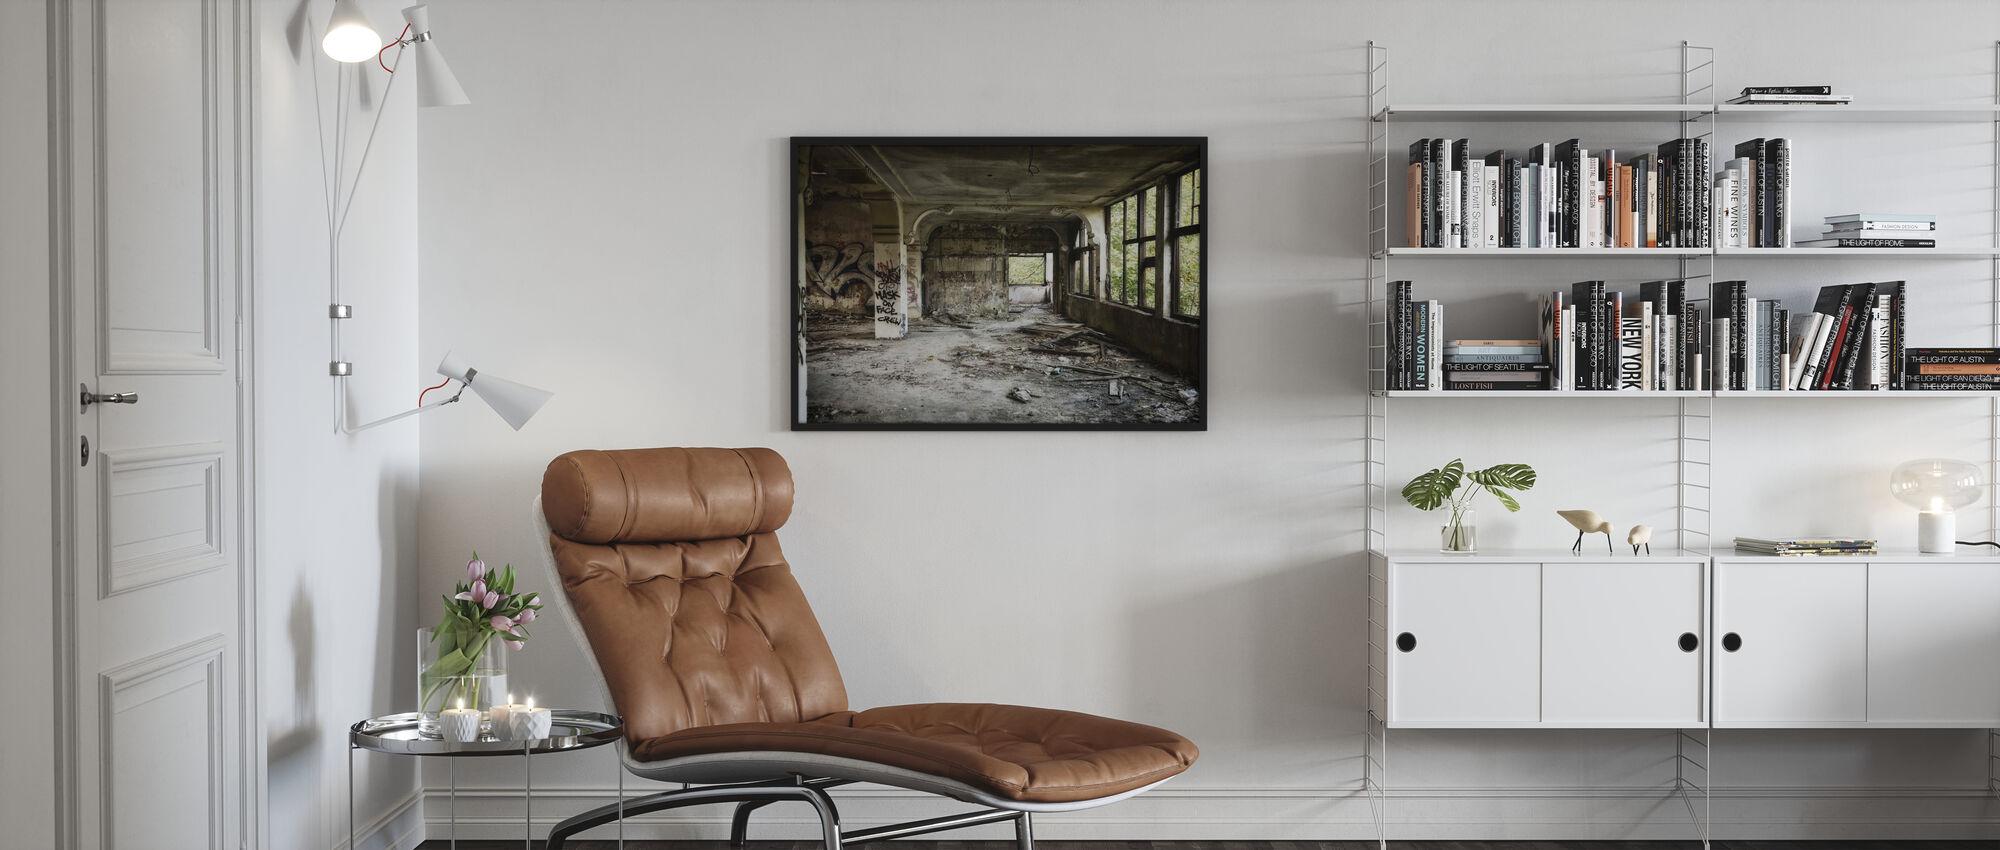 Ruined Villa - Poster - Living Room